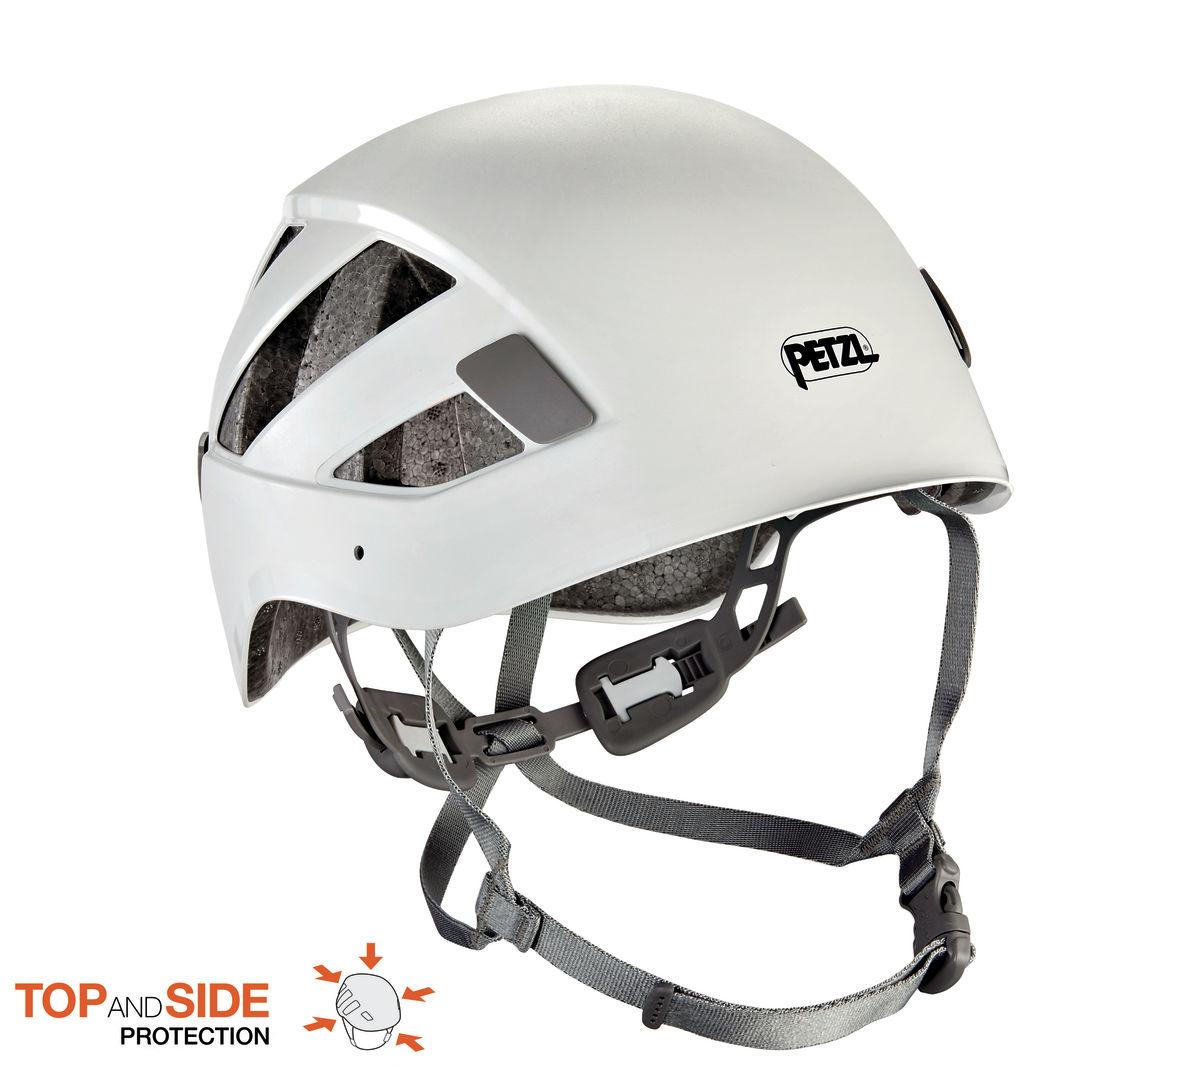 PETZL Petzl Helm Boreo himbeerrot M/L